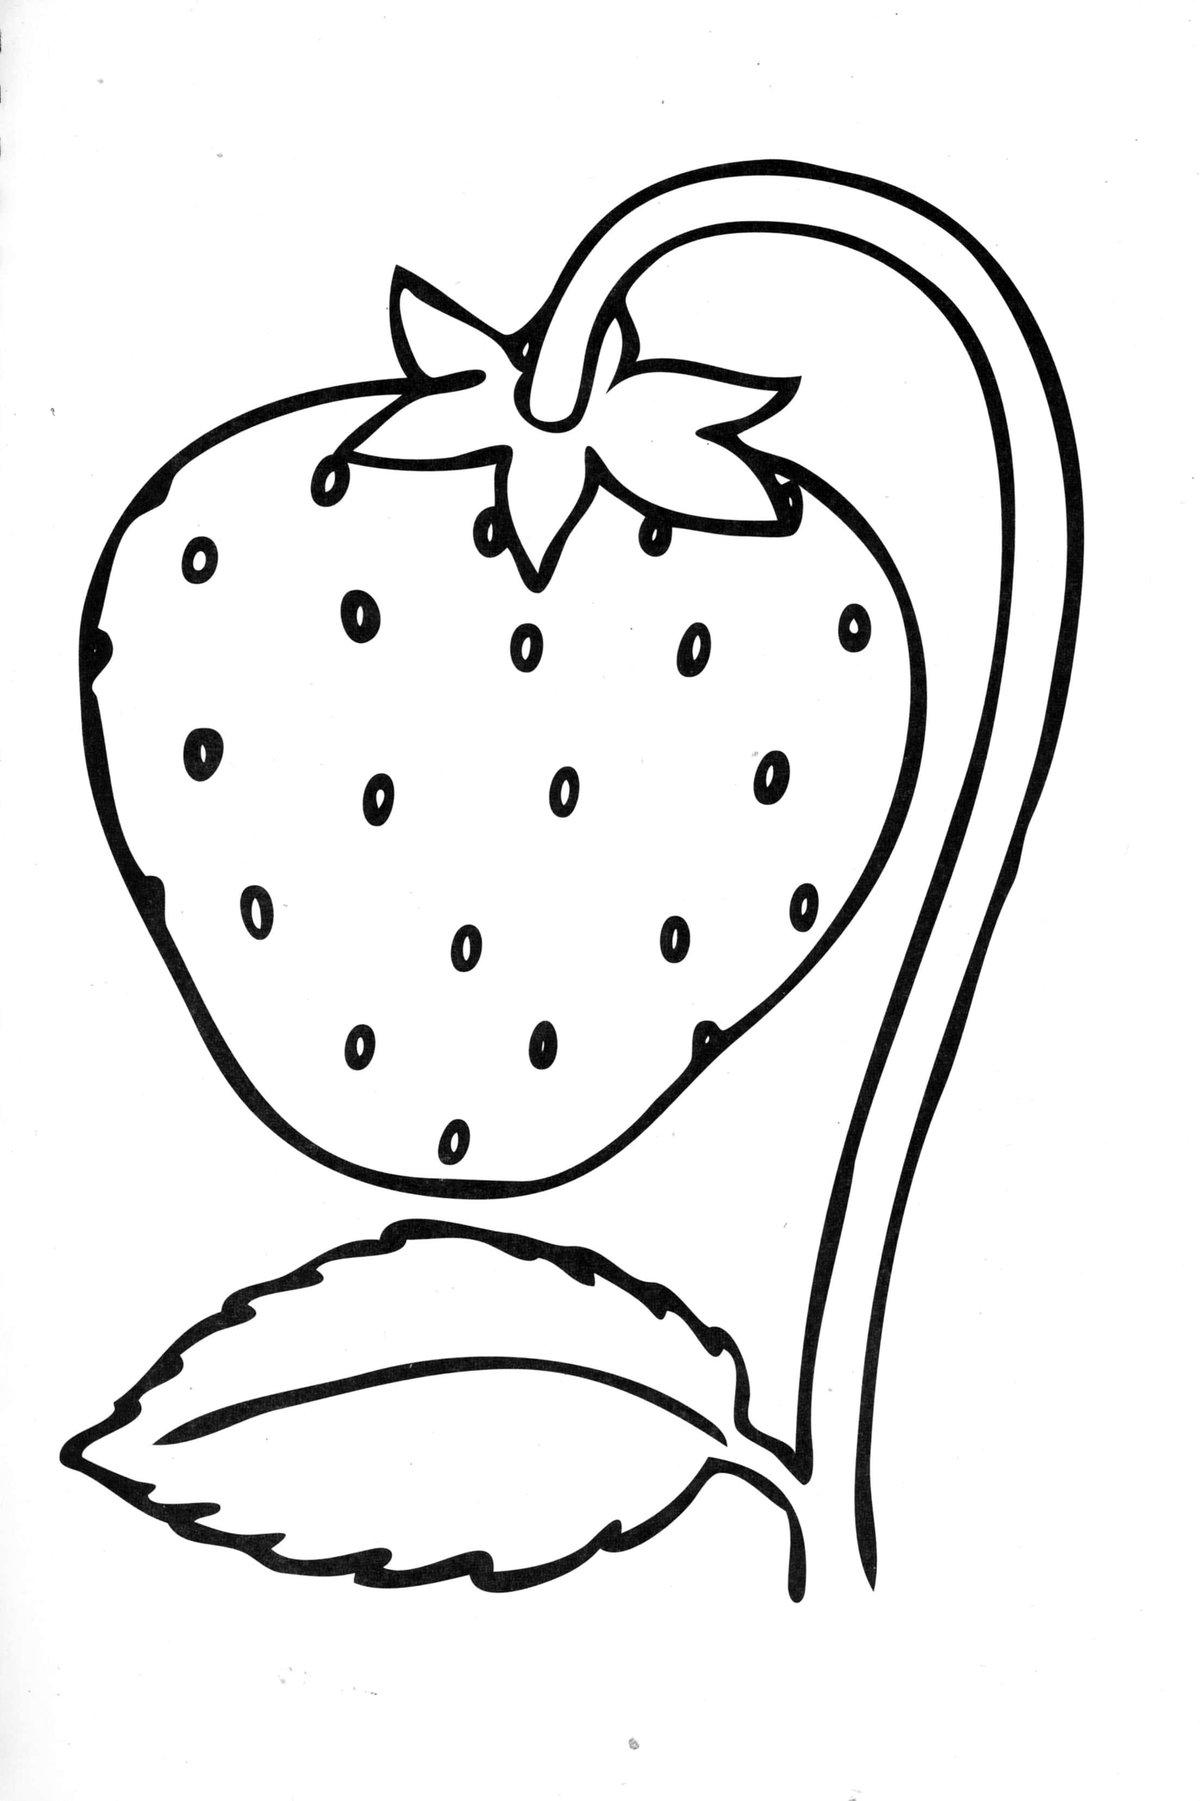 Нарисовать картинку для детей 4 лет